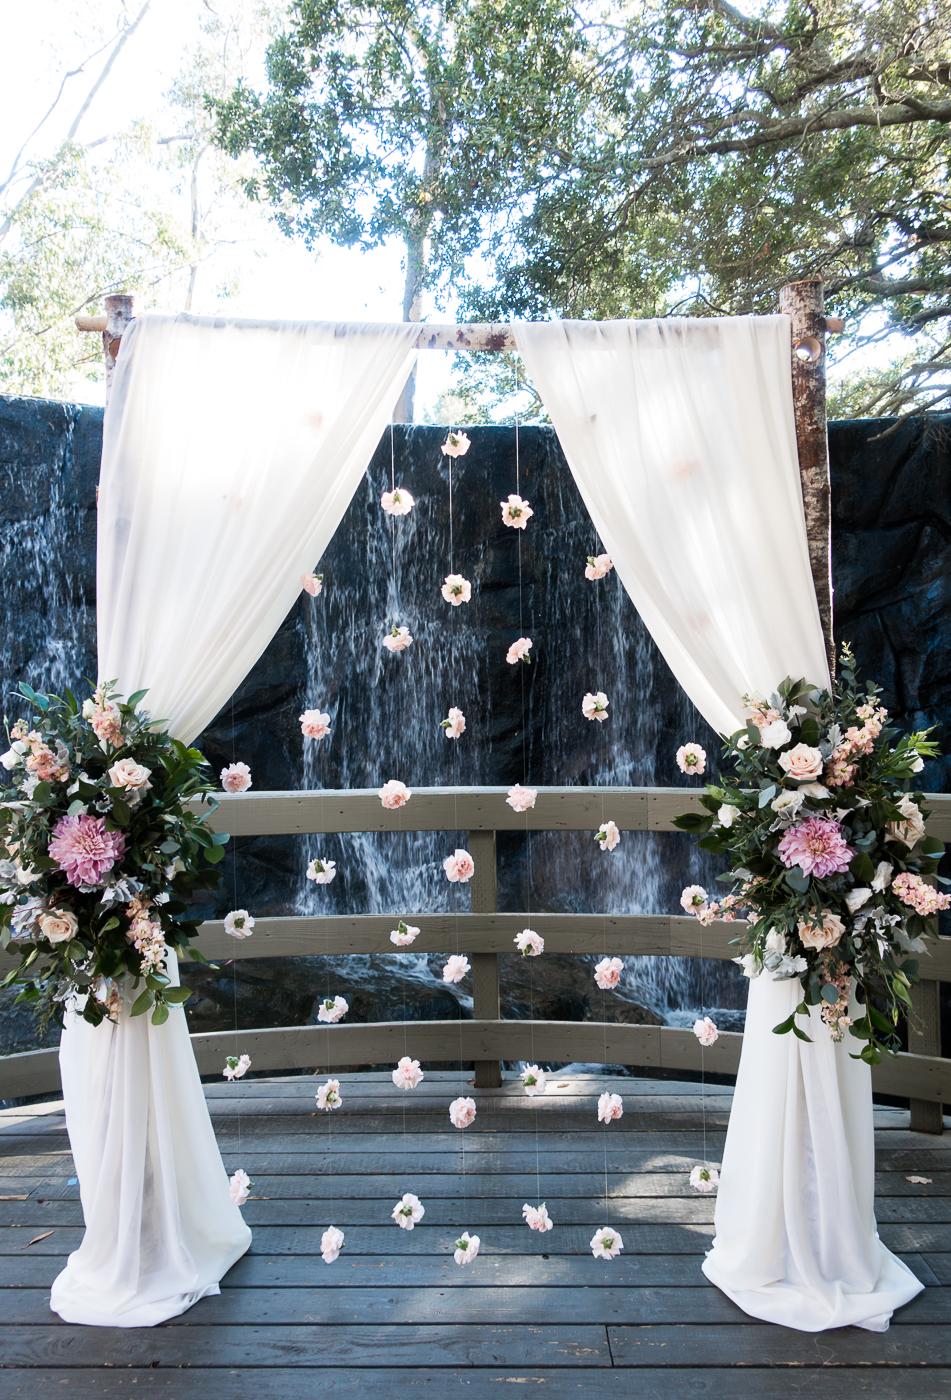 Calamigos Ranch Wedding | The Chic Diary